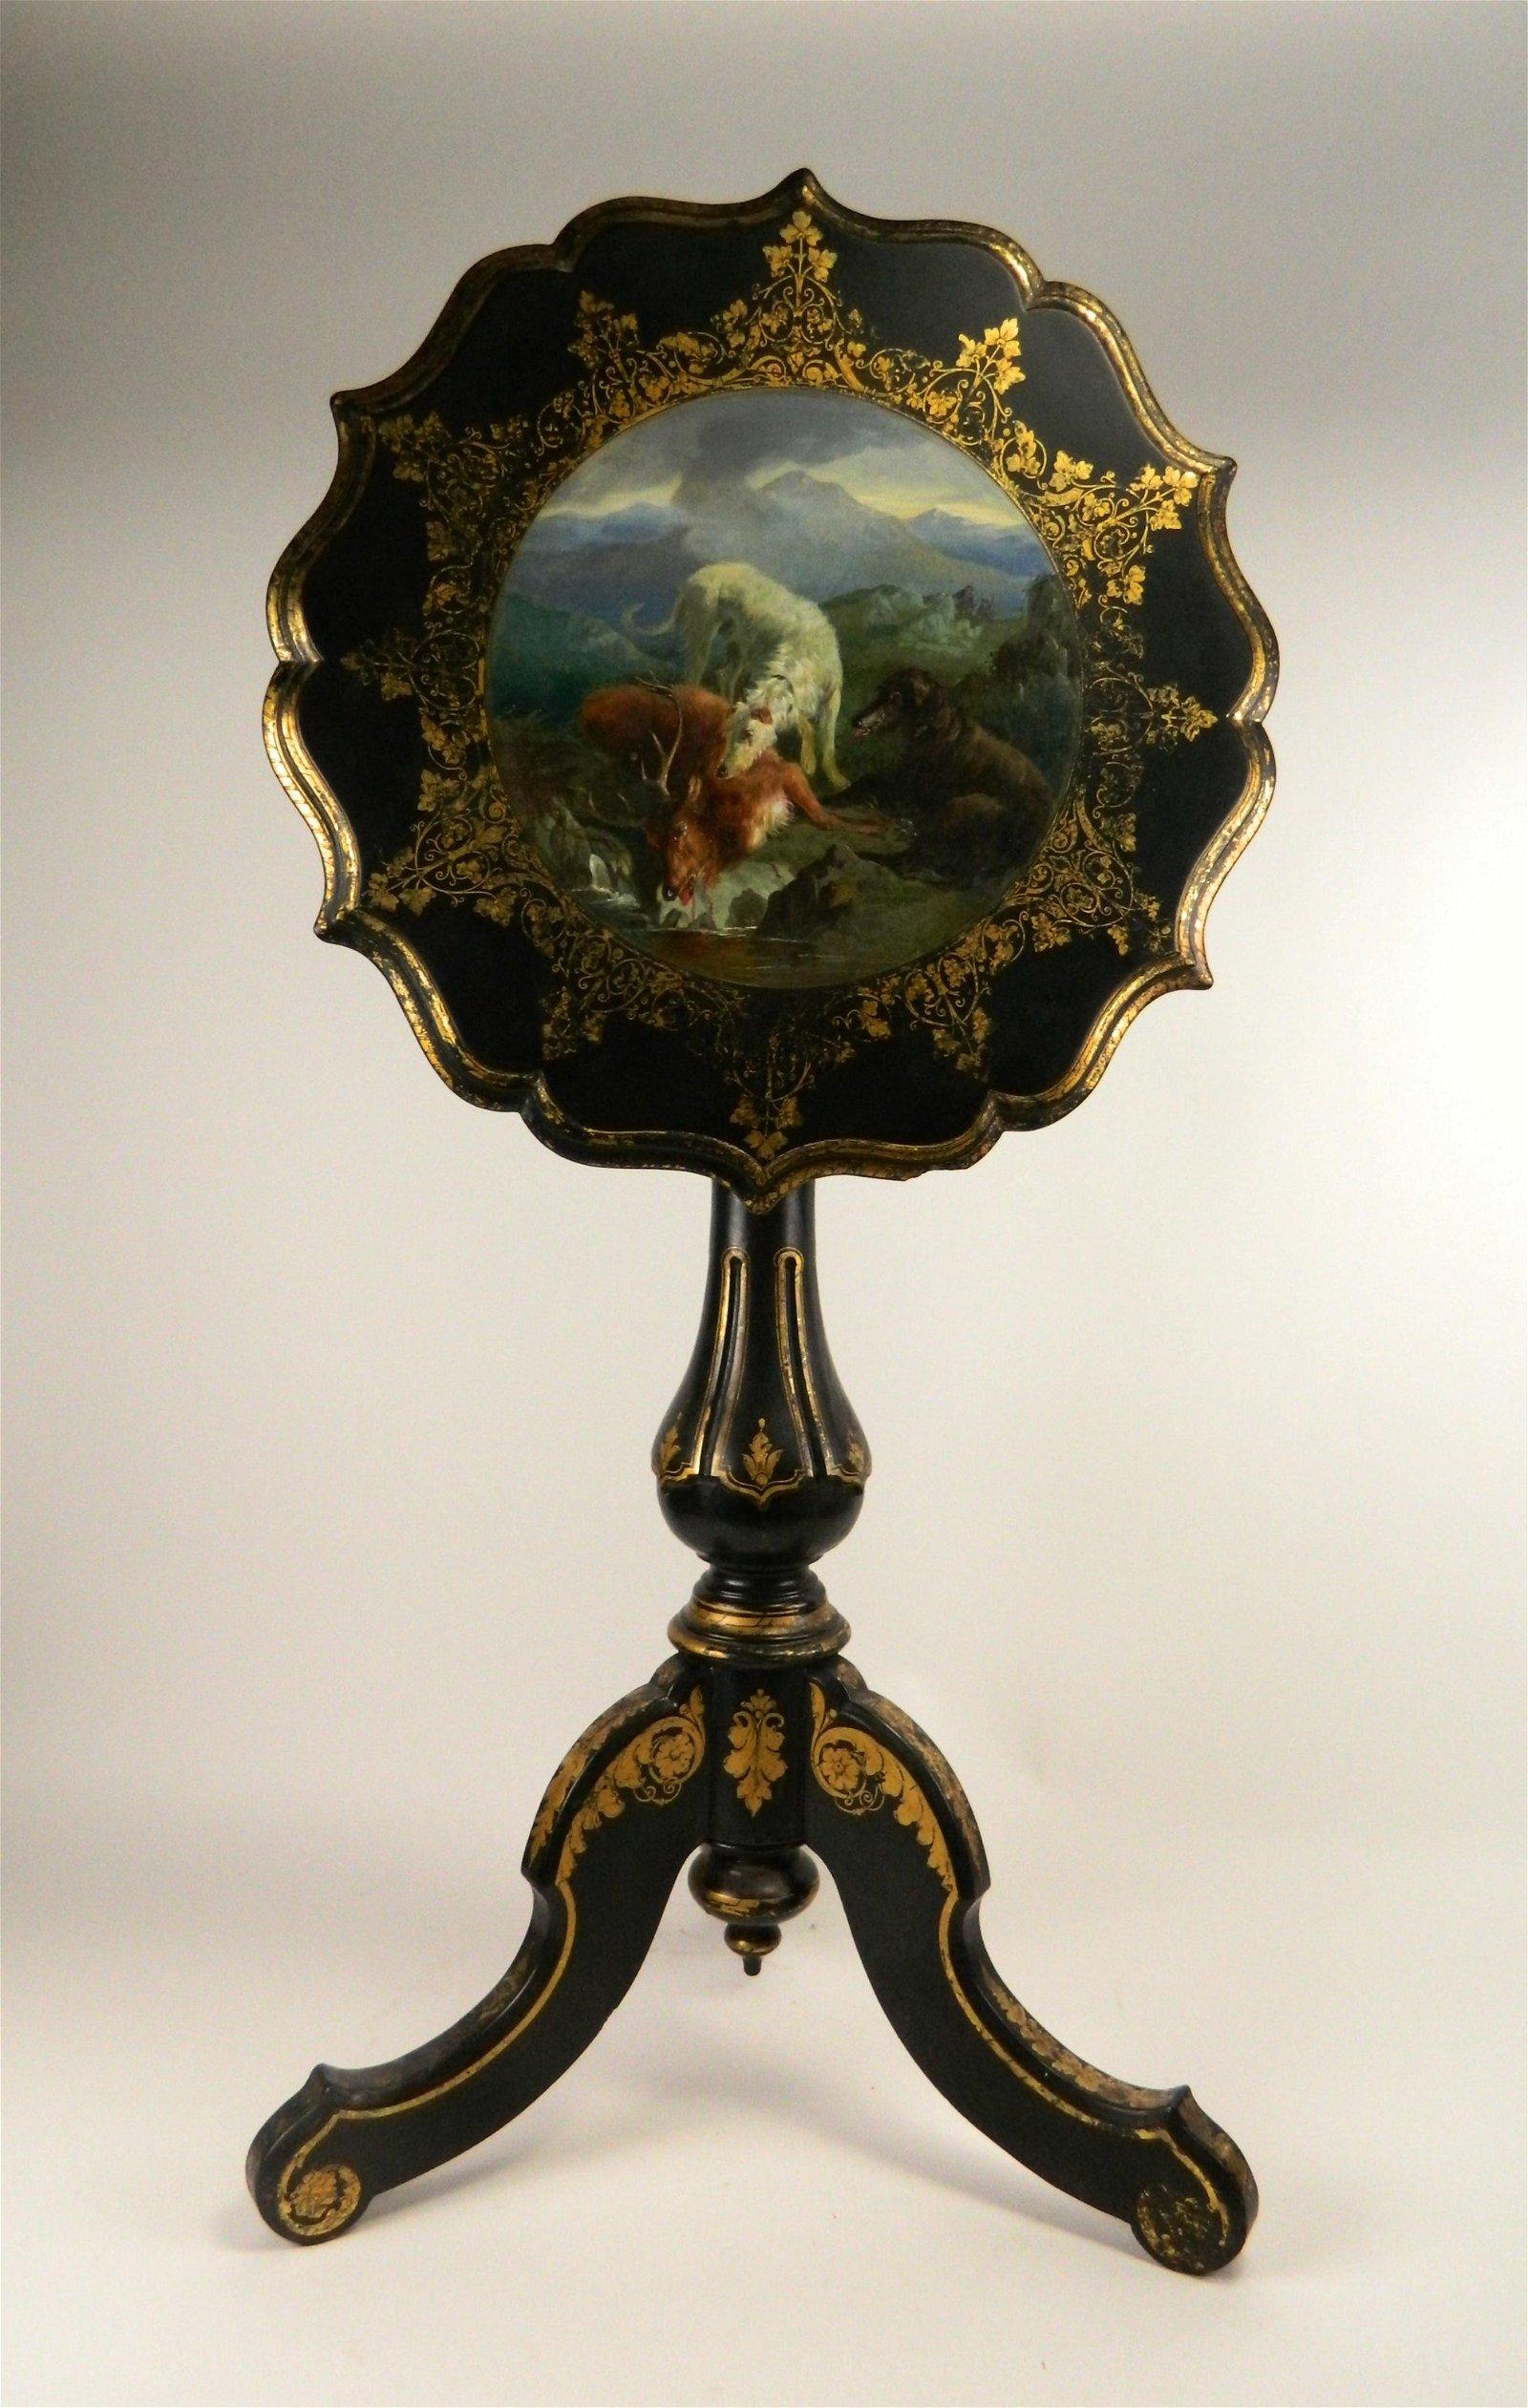 19th c. English tilt top wood table